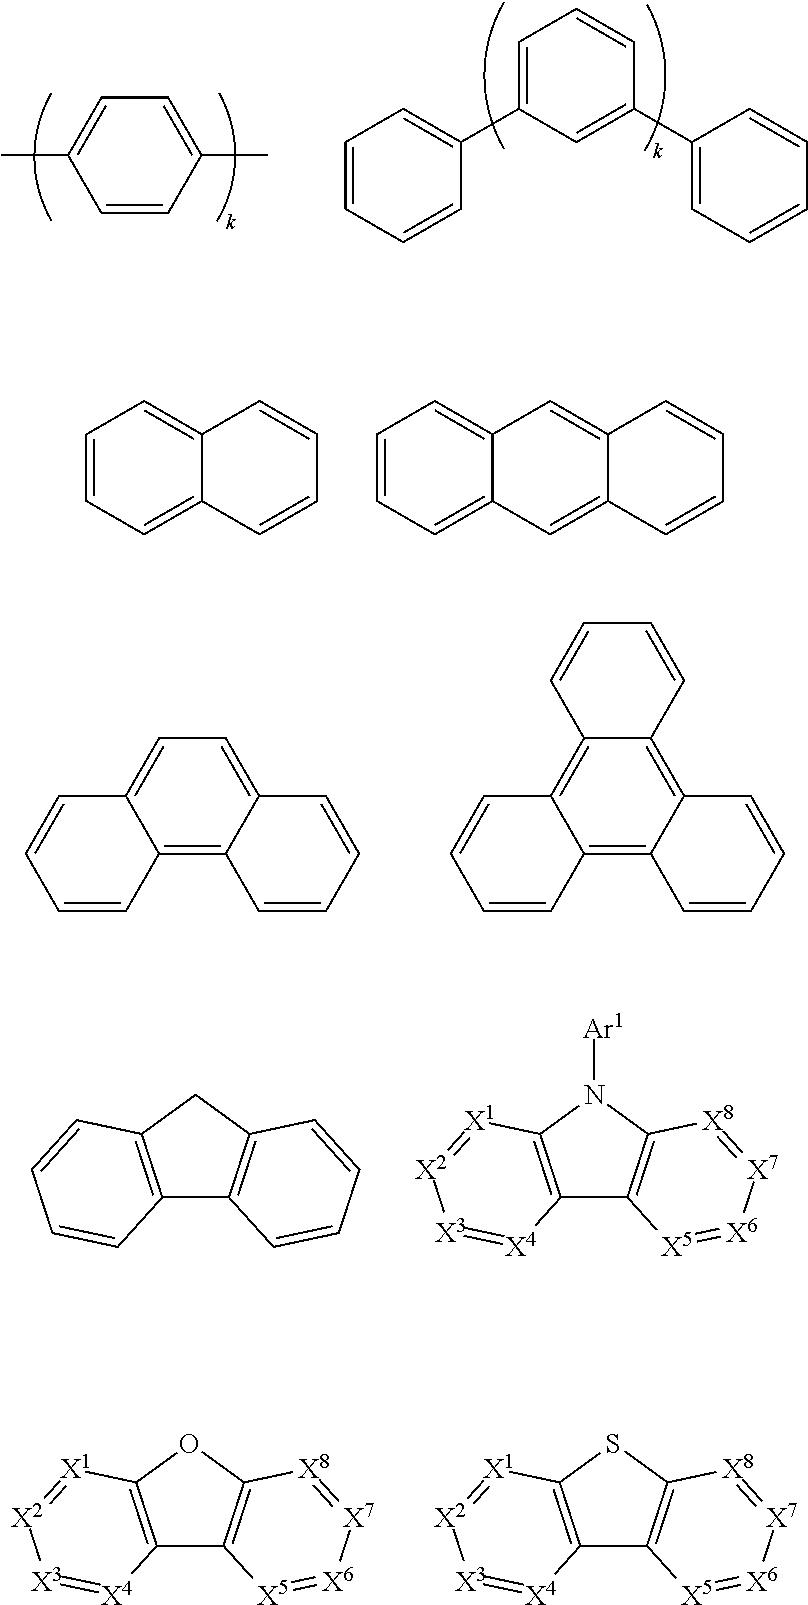 Figure US09512355-20161206-C00035